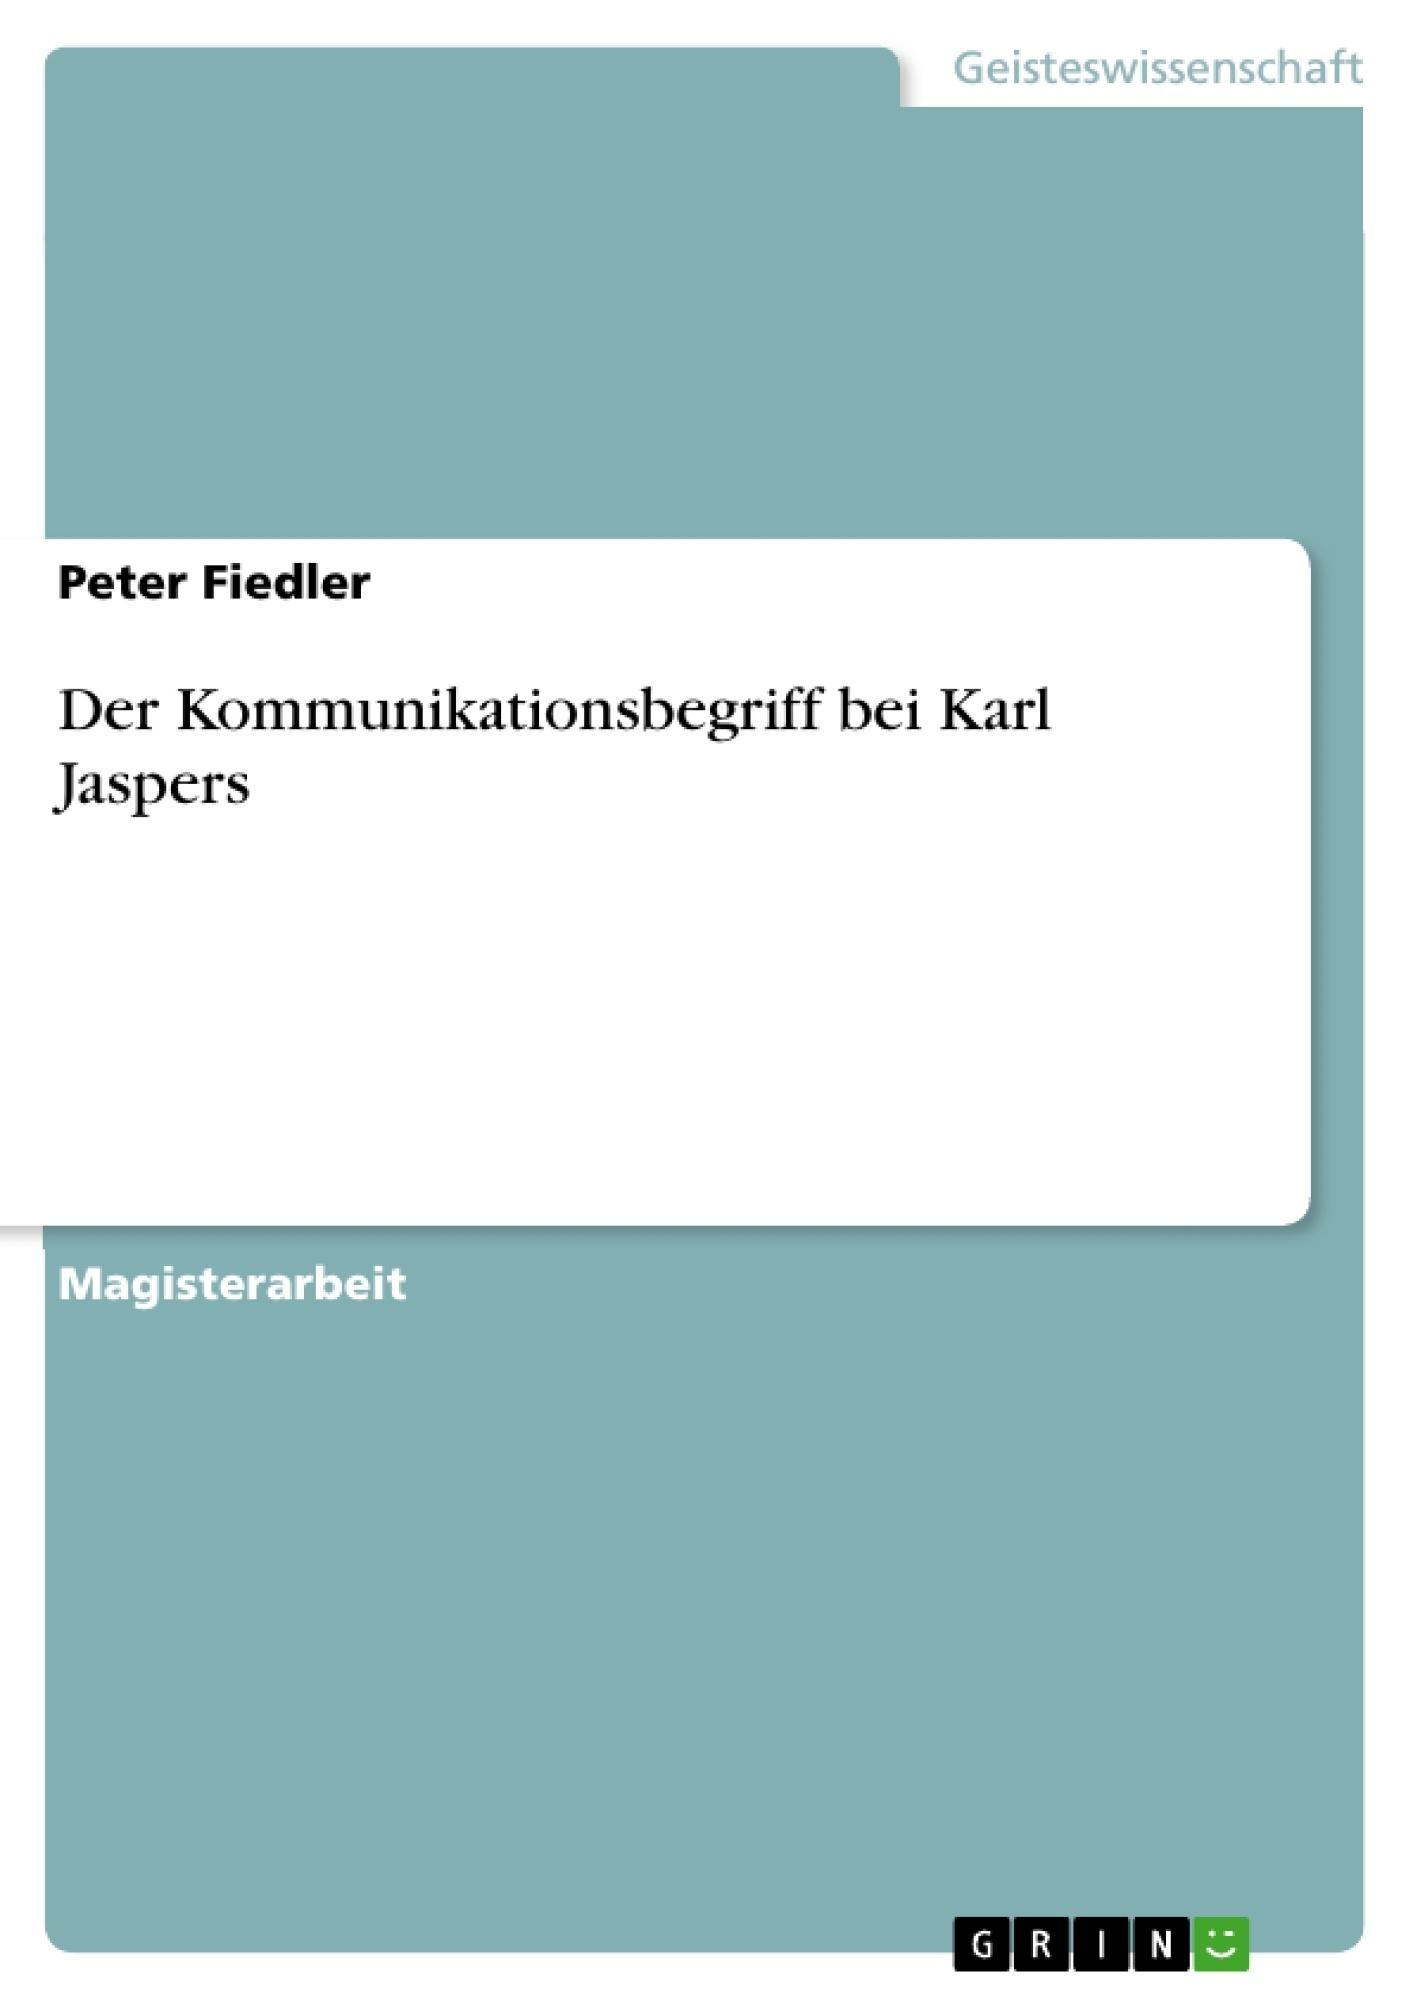 Titel: Der Kommunikationsbegriff bei Karl Jaspers